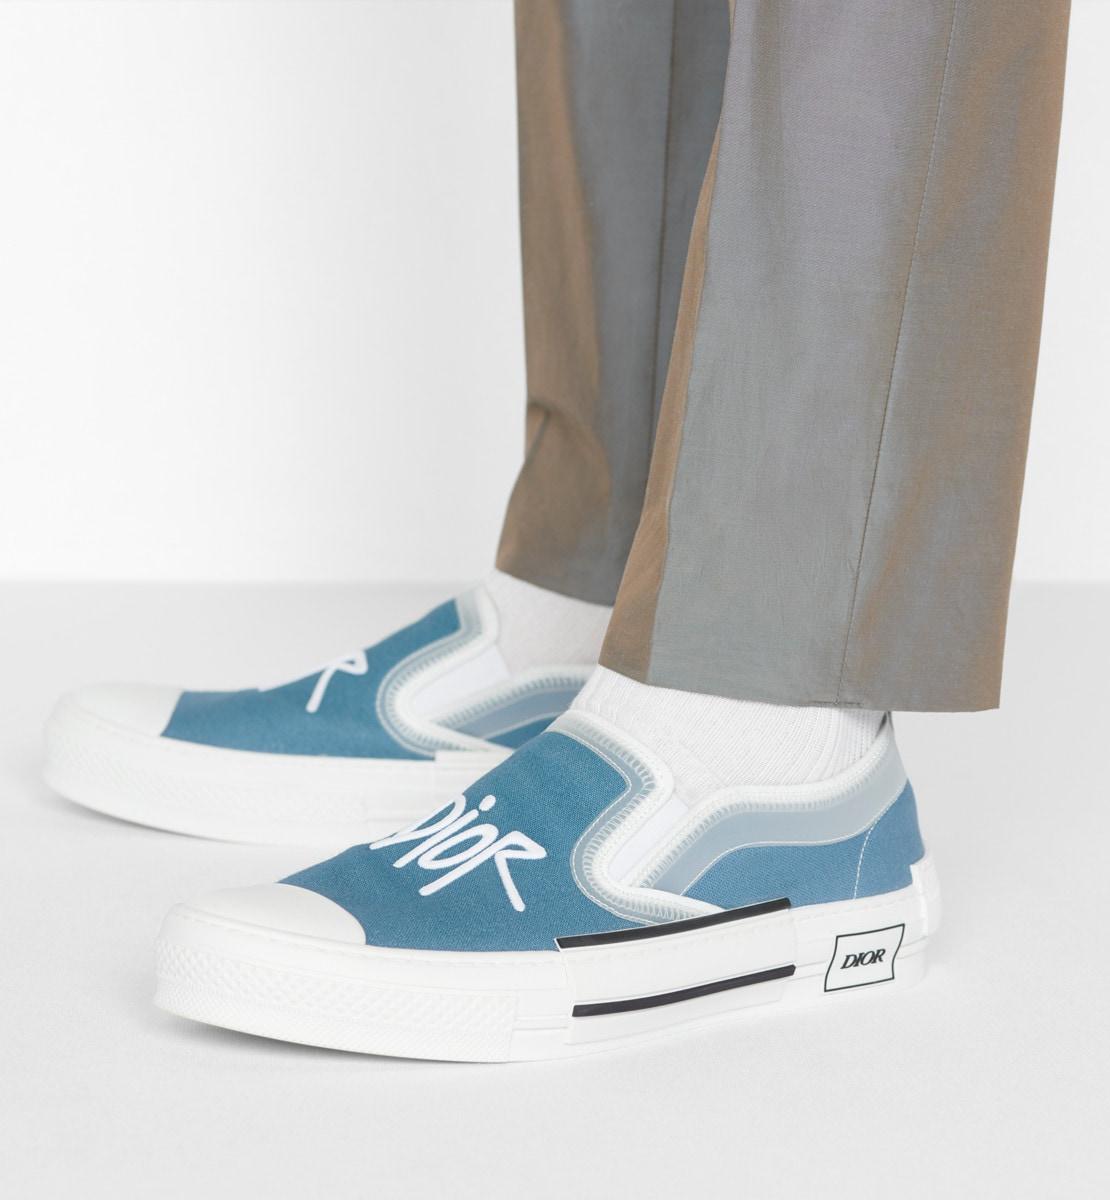 B23 Slip-On Sneaker